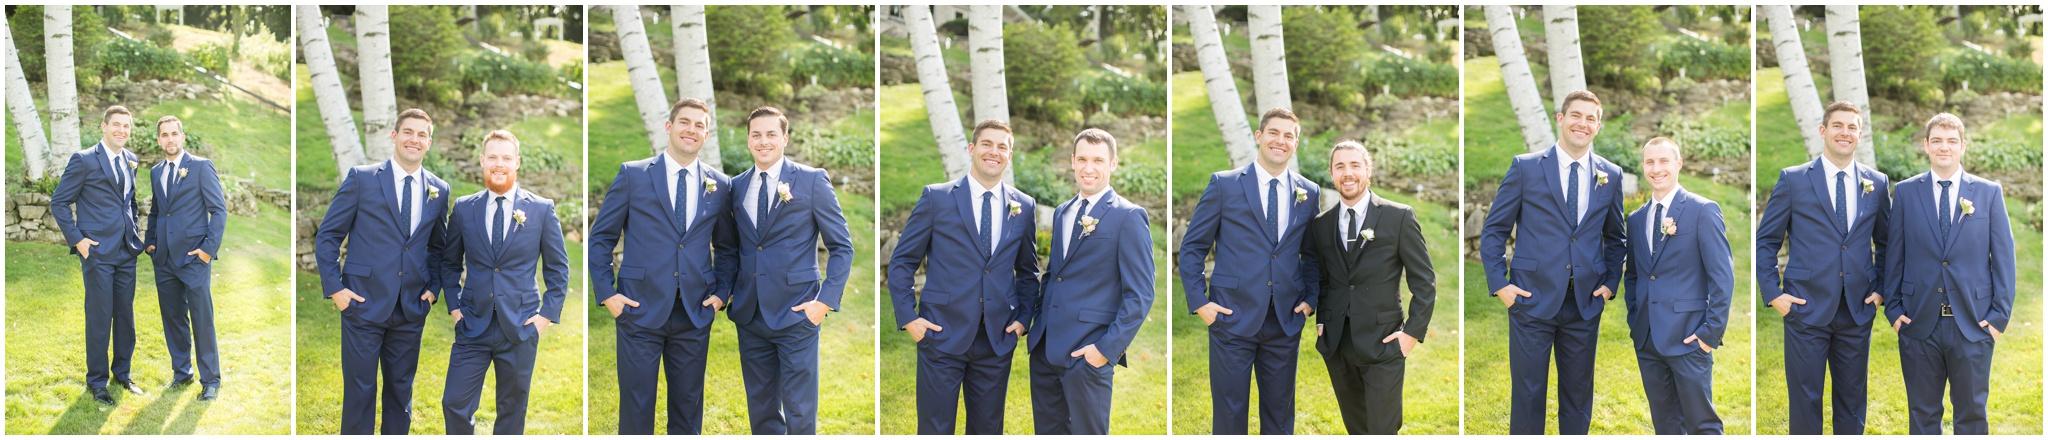 Green_Lake_Ripon_Wisconsin_Wedding_0041.jpg